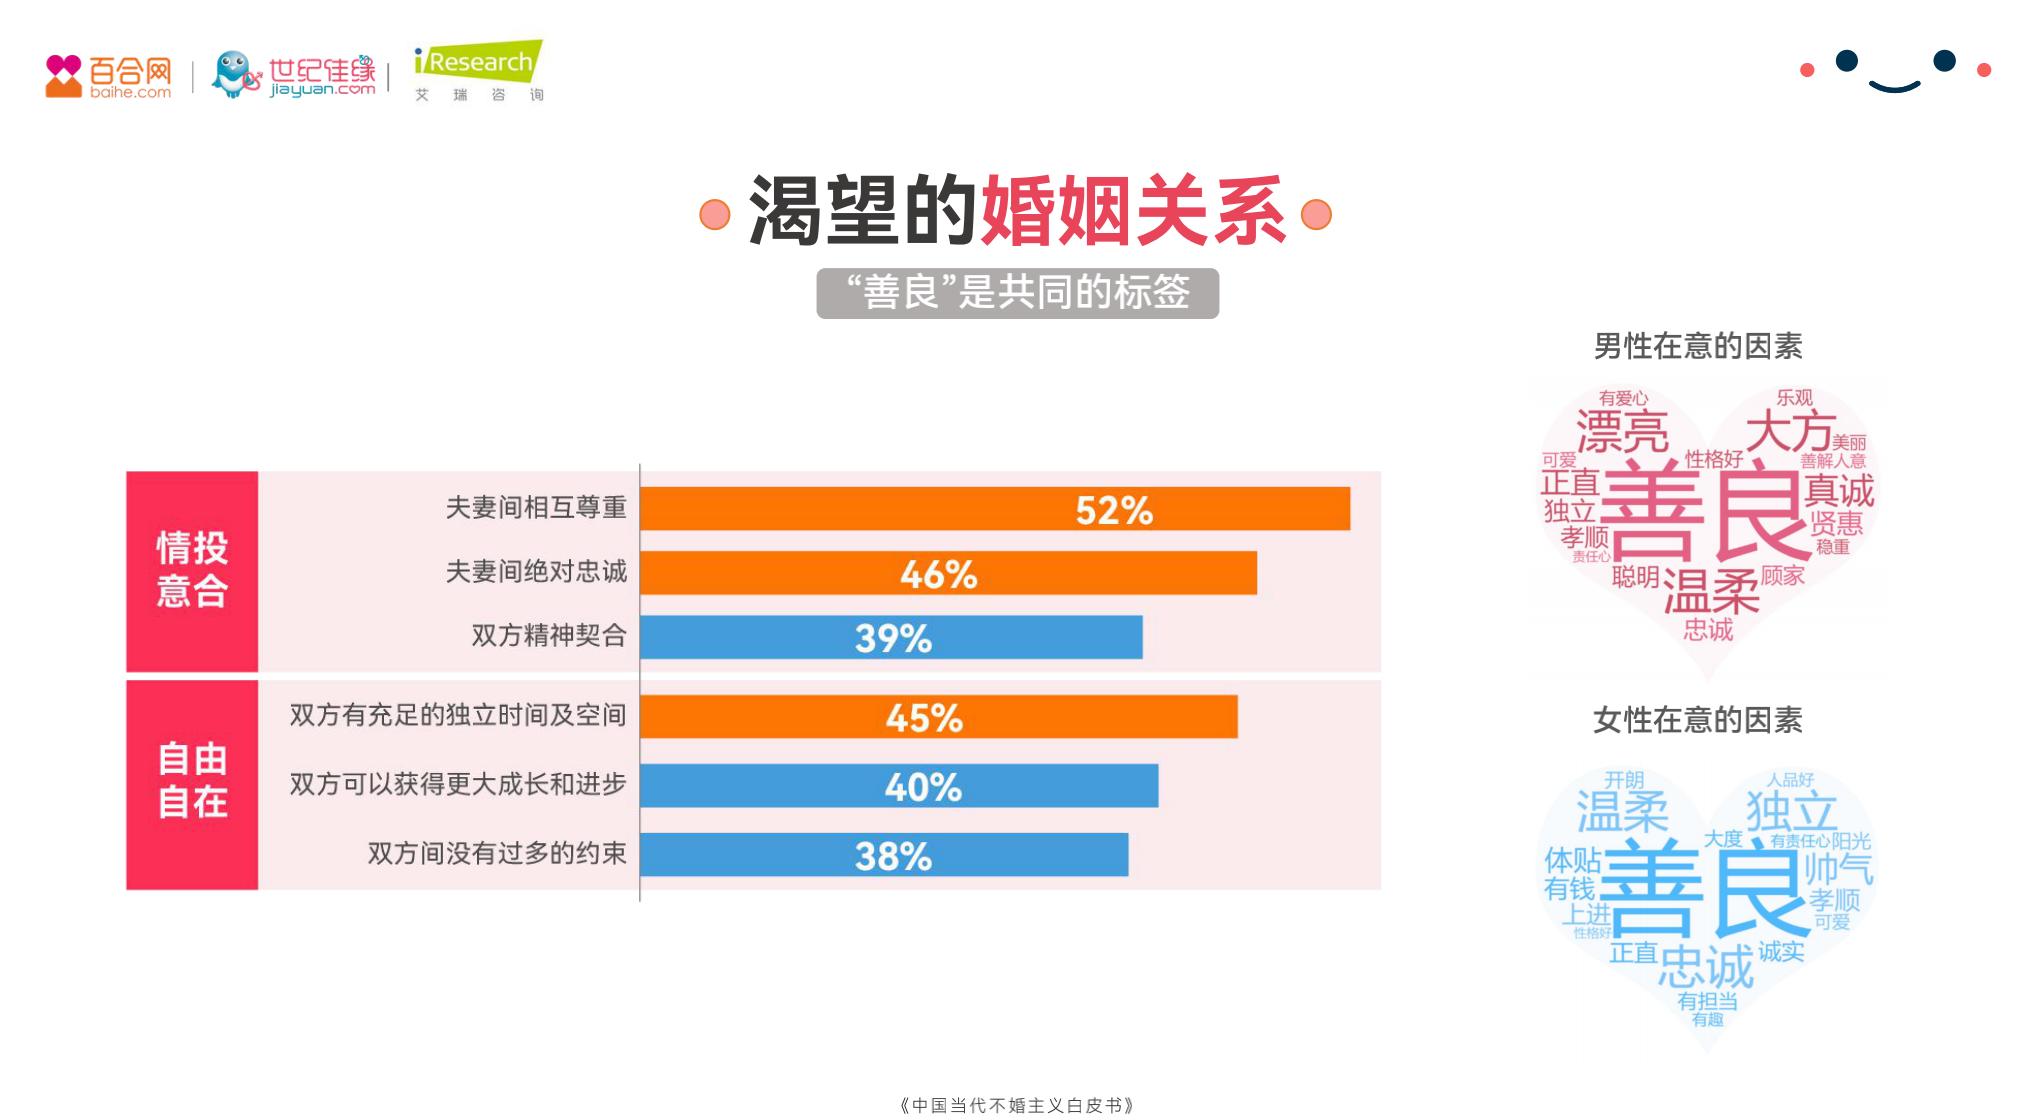 """百合佳缘集团发布白皮书:33%的被动不婚人群认为""""经济实力""""是走入婚姻的""""敲门砖"""""""